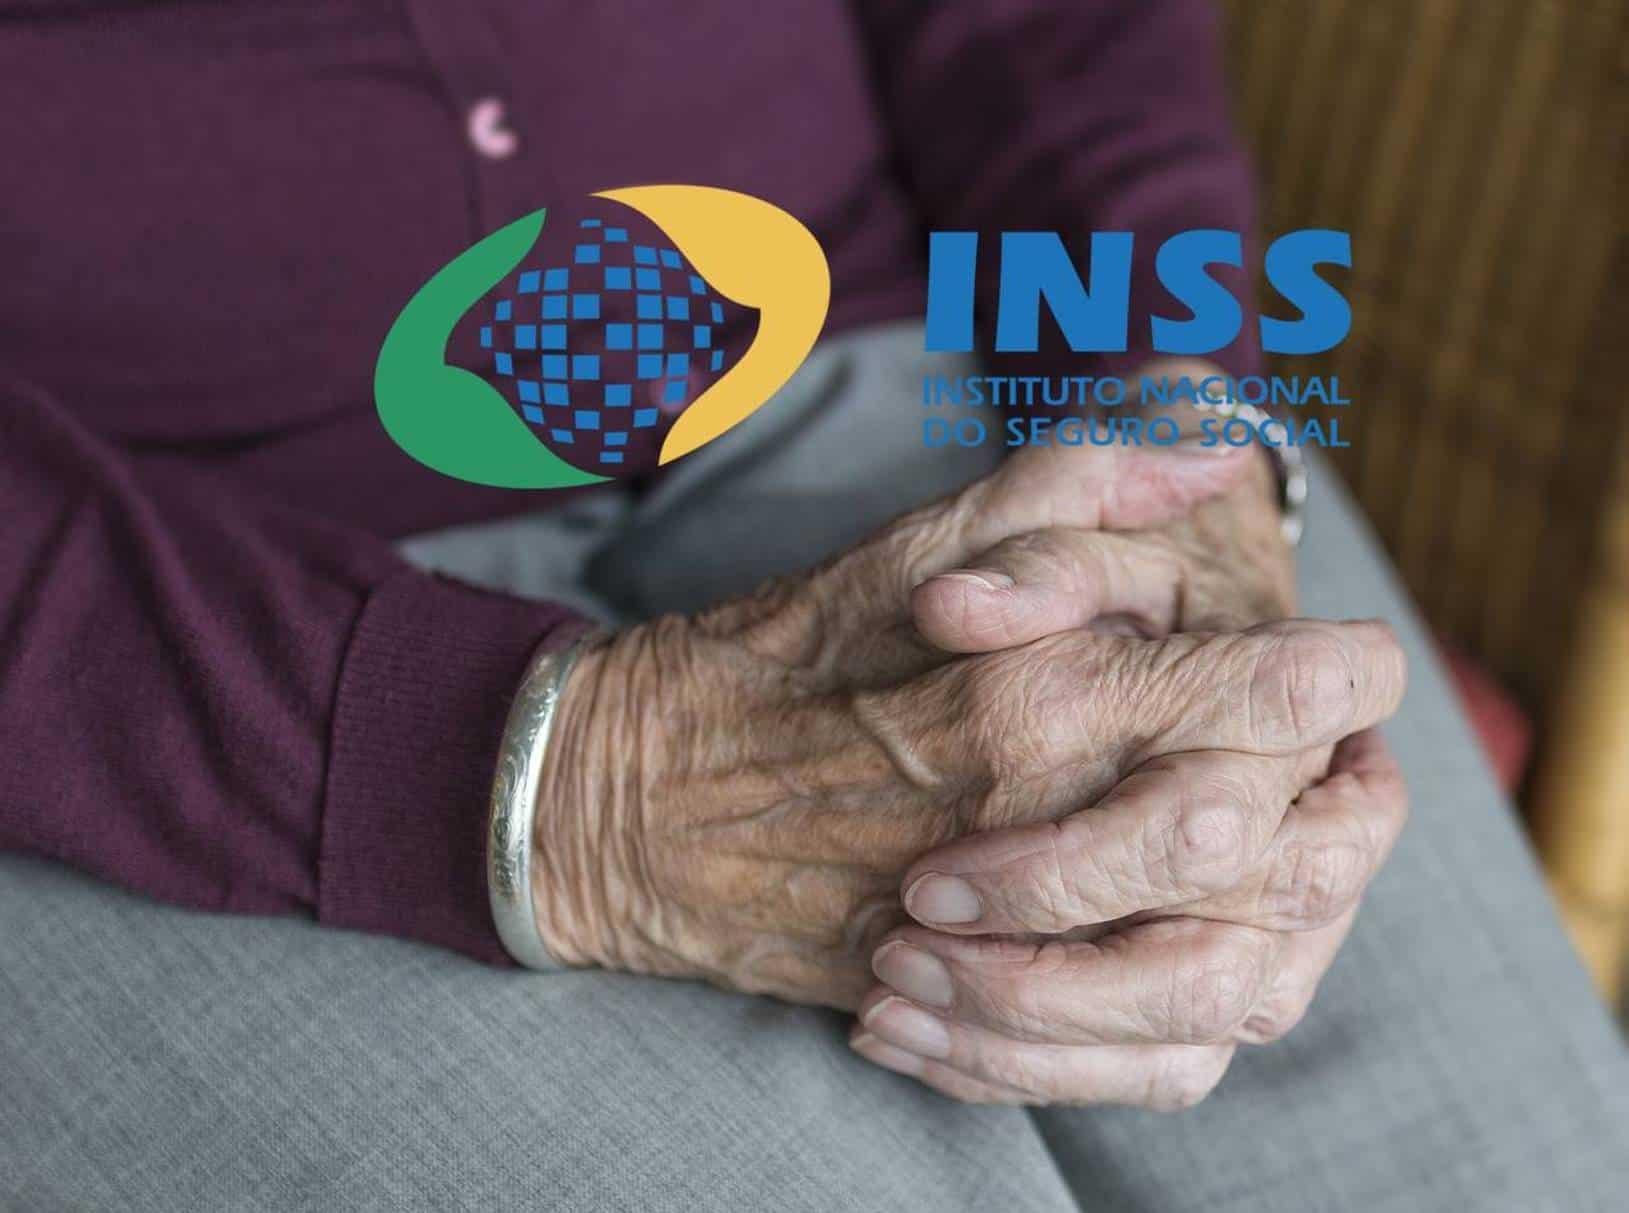 Novo sistema revela 31 bancos confiáveis para aposentados e pensionistas do INSS